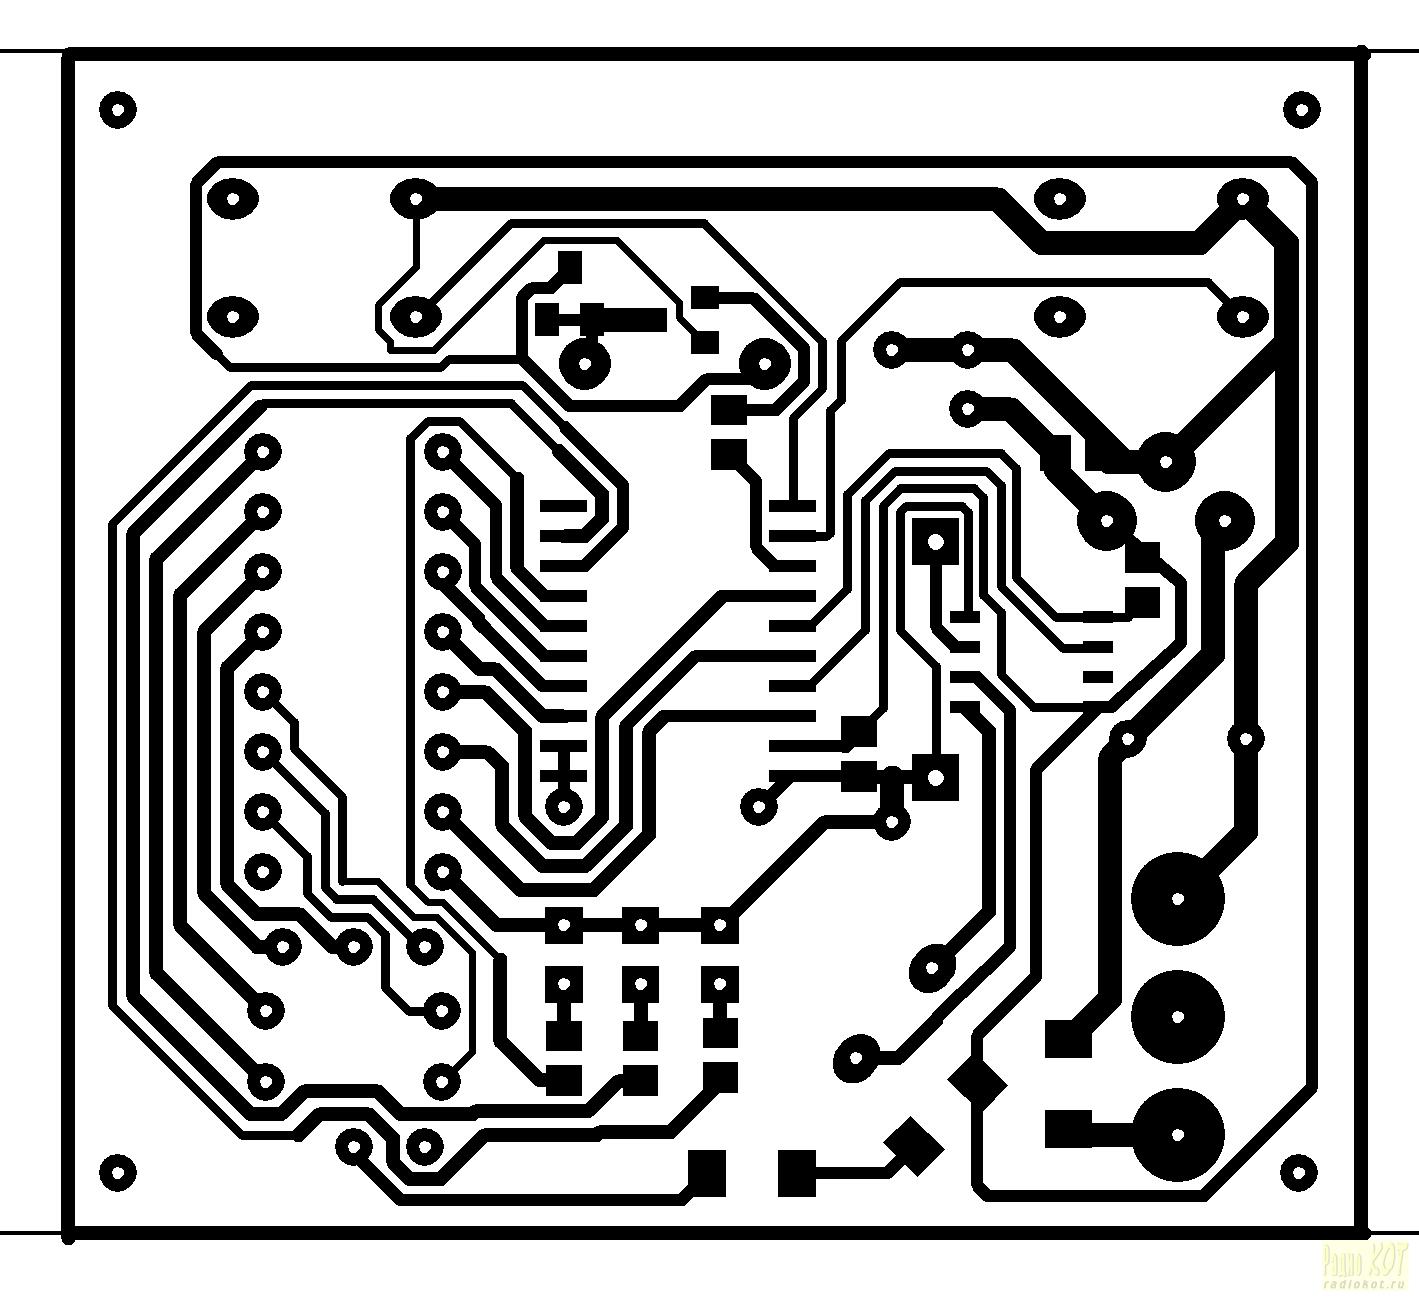 Создание схемы по печатной плате